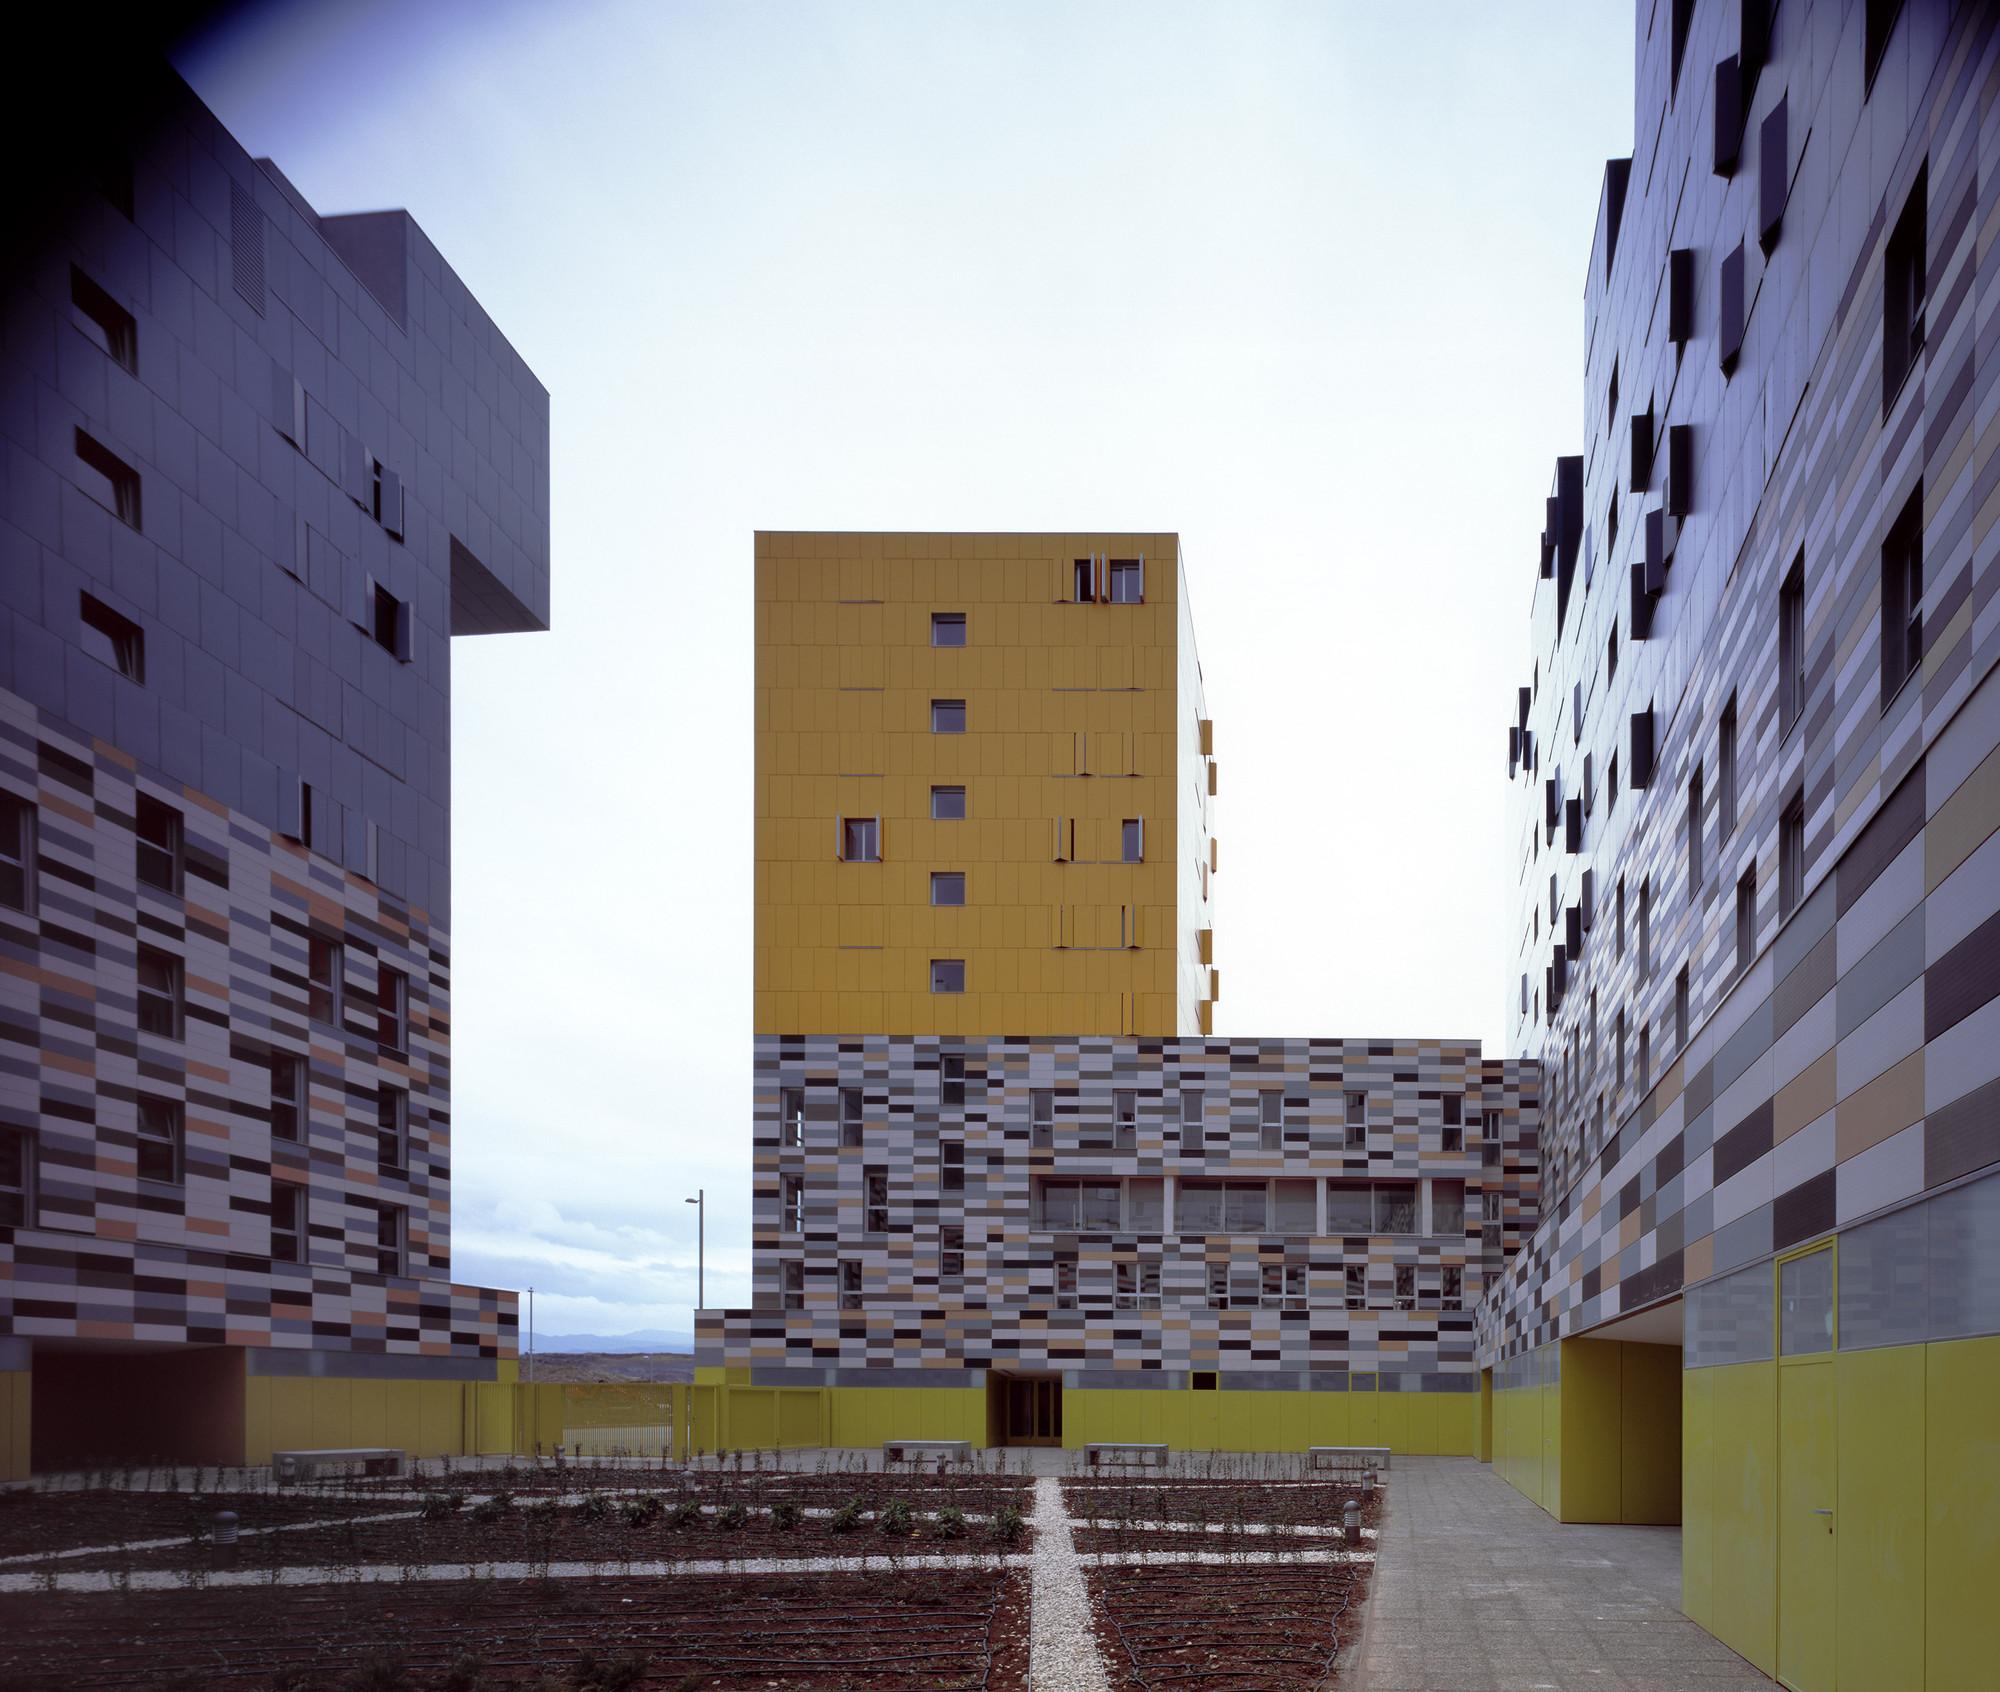 Galer a de 177 viviendas de protecci n oficial en vitoria matos castillo arquitectos 2 - Arquitectos en vitoria ...